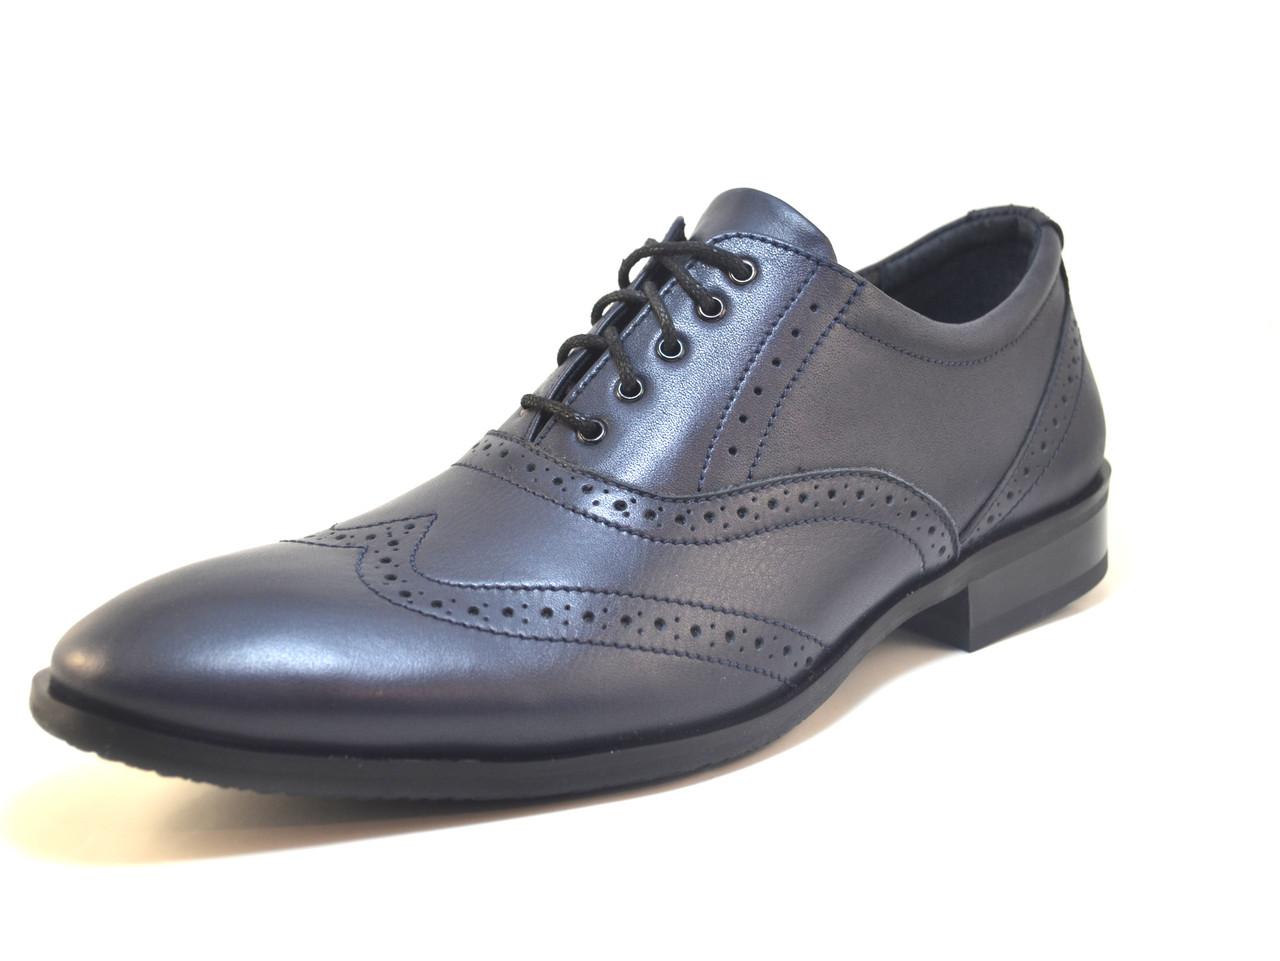 Туфлі чоловічі шкіряні класичні оксфорди броги Rosso Avangard FeliceteZo Grey Pelle підошва моноблок